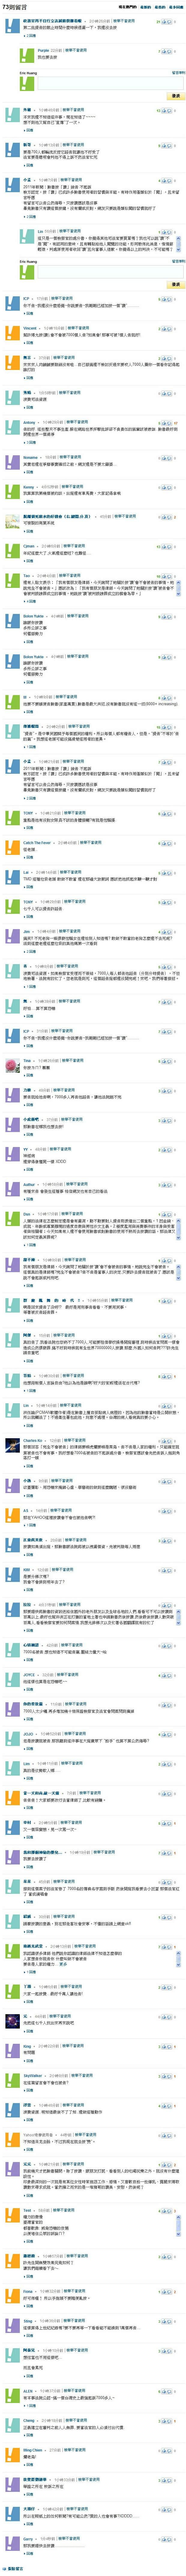 史上最多被告人?許博允將告7000網友-2012.10.30-02